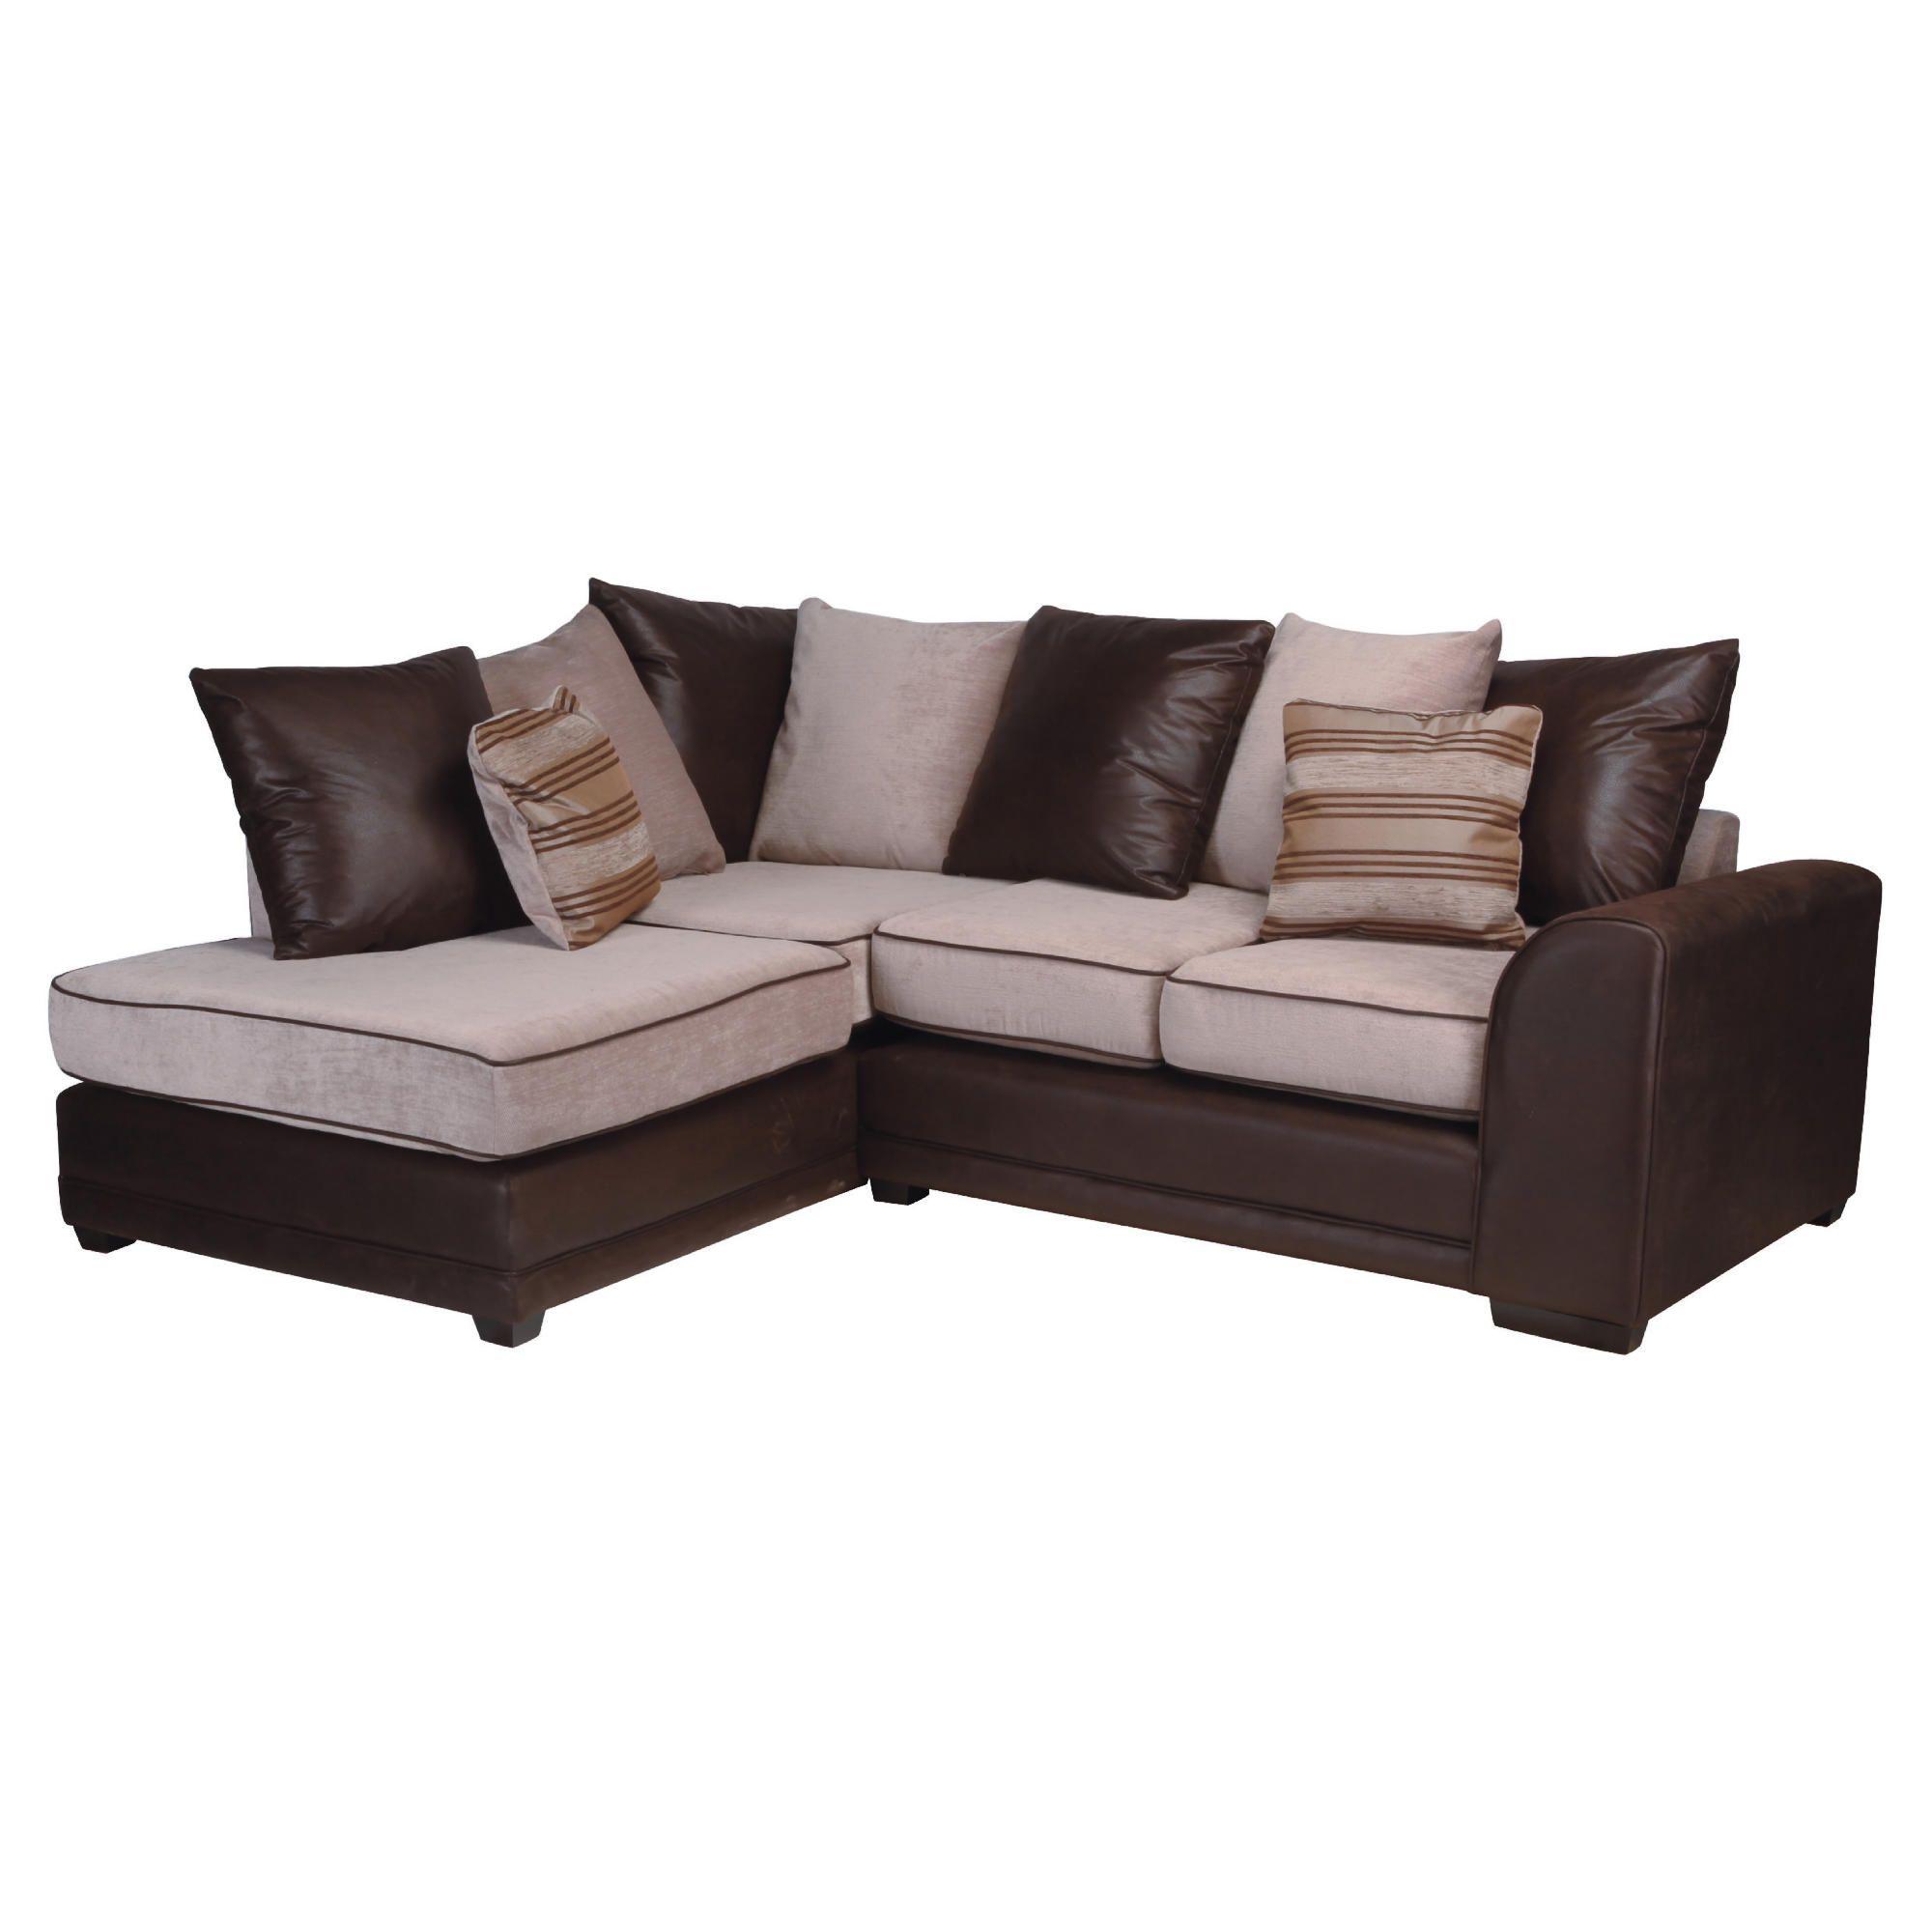 tesco corner sofas. Black Bedroom Furniture Sets. Home Design Ideas